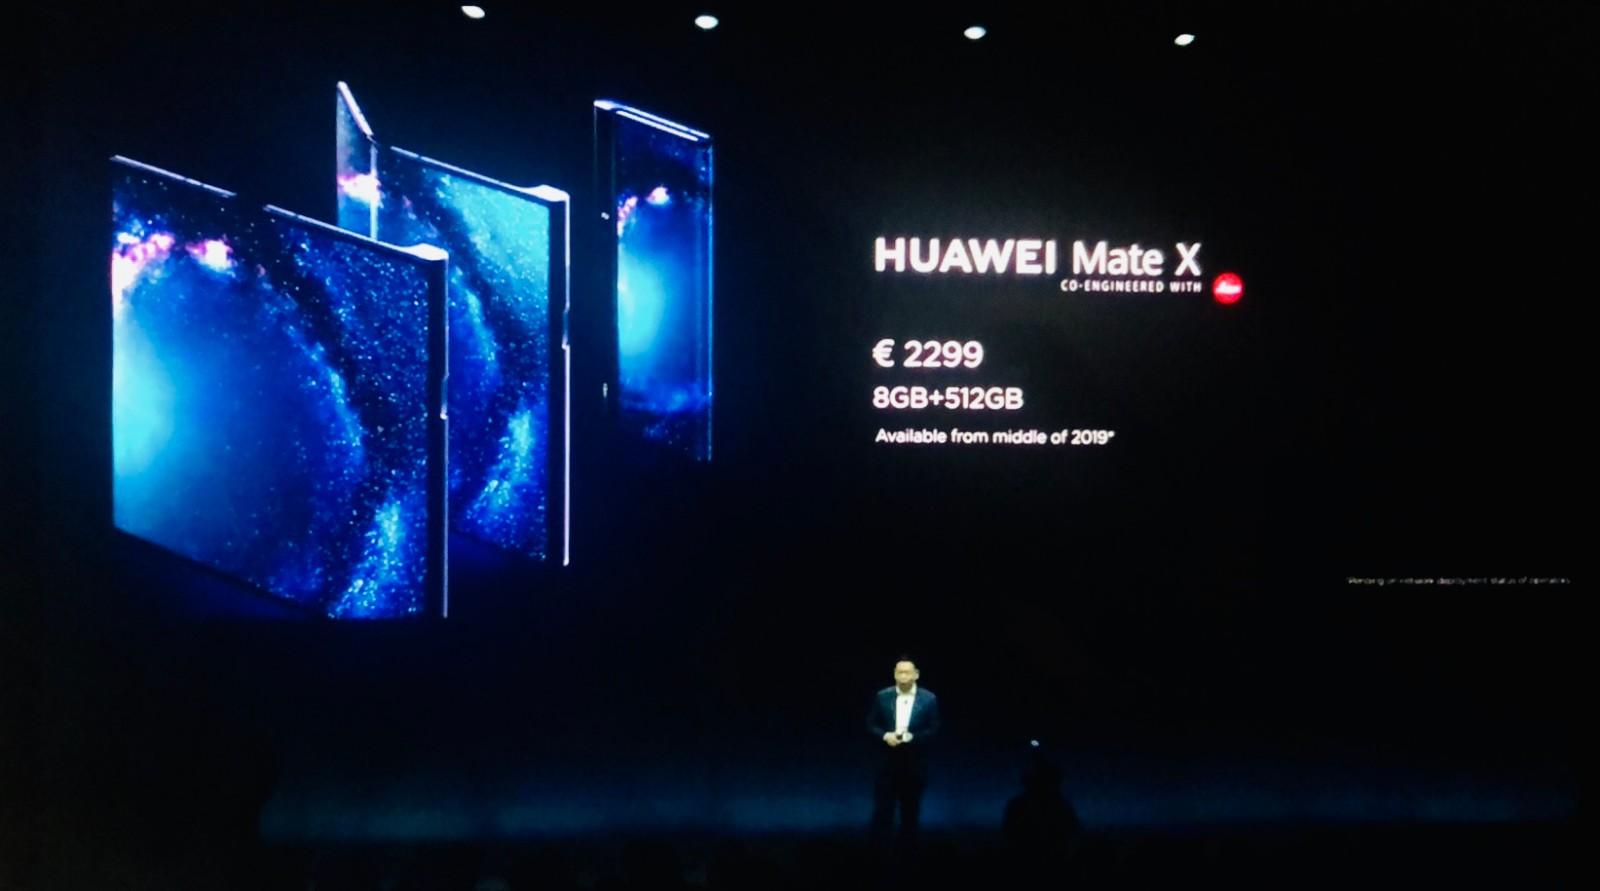 售价近2万人民币!华为发布首款5G折叠屏手机,可兼容4G_图1-4